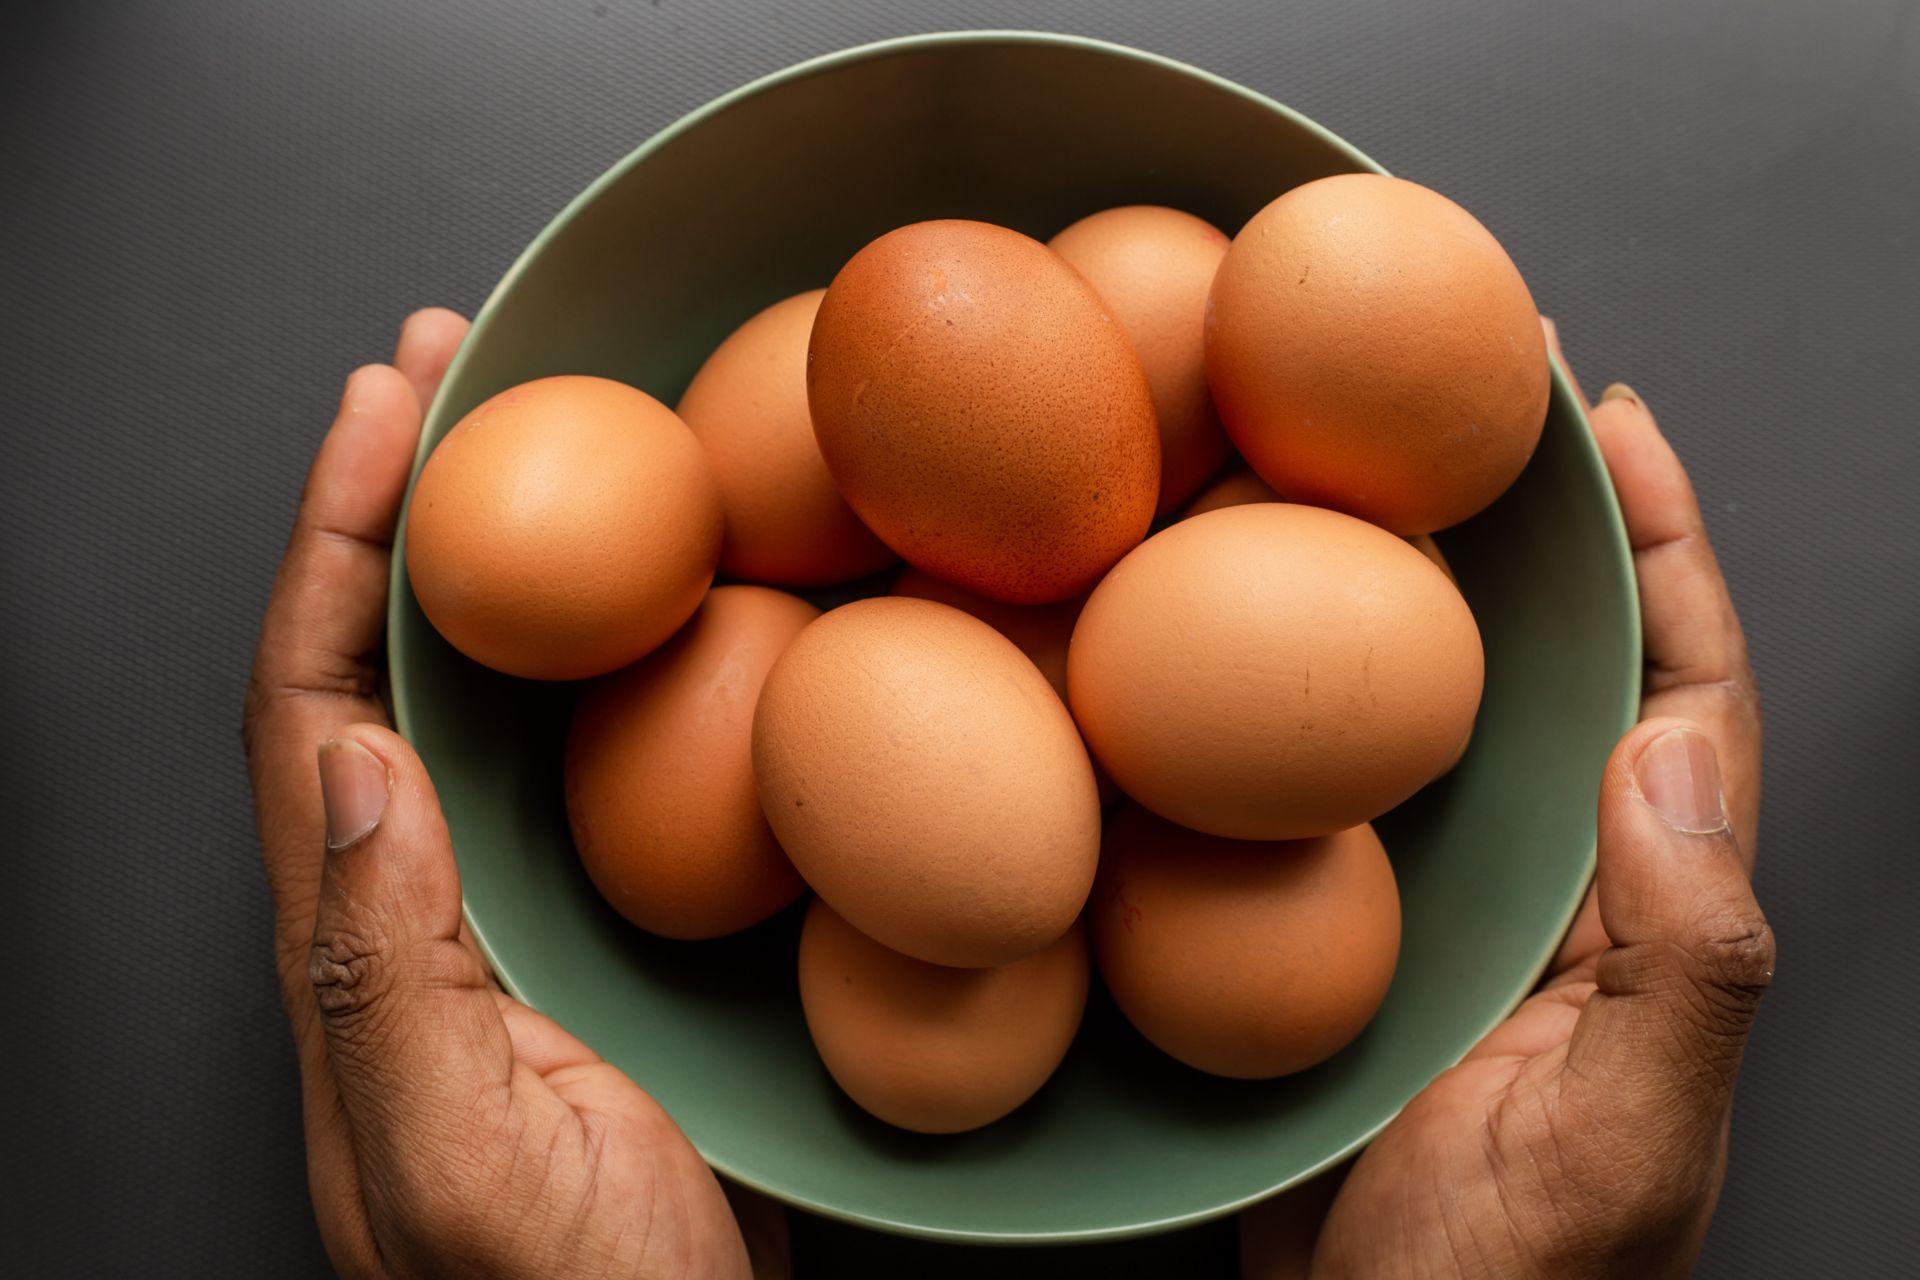 Mẹo chế biến trứng thành bữa ăn ngon và giàu dinh dưỡng - 1